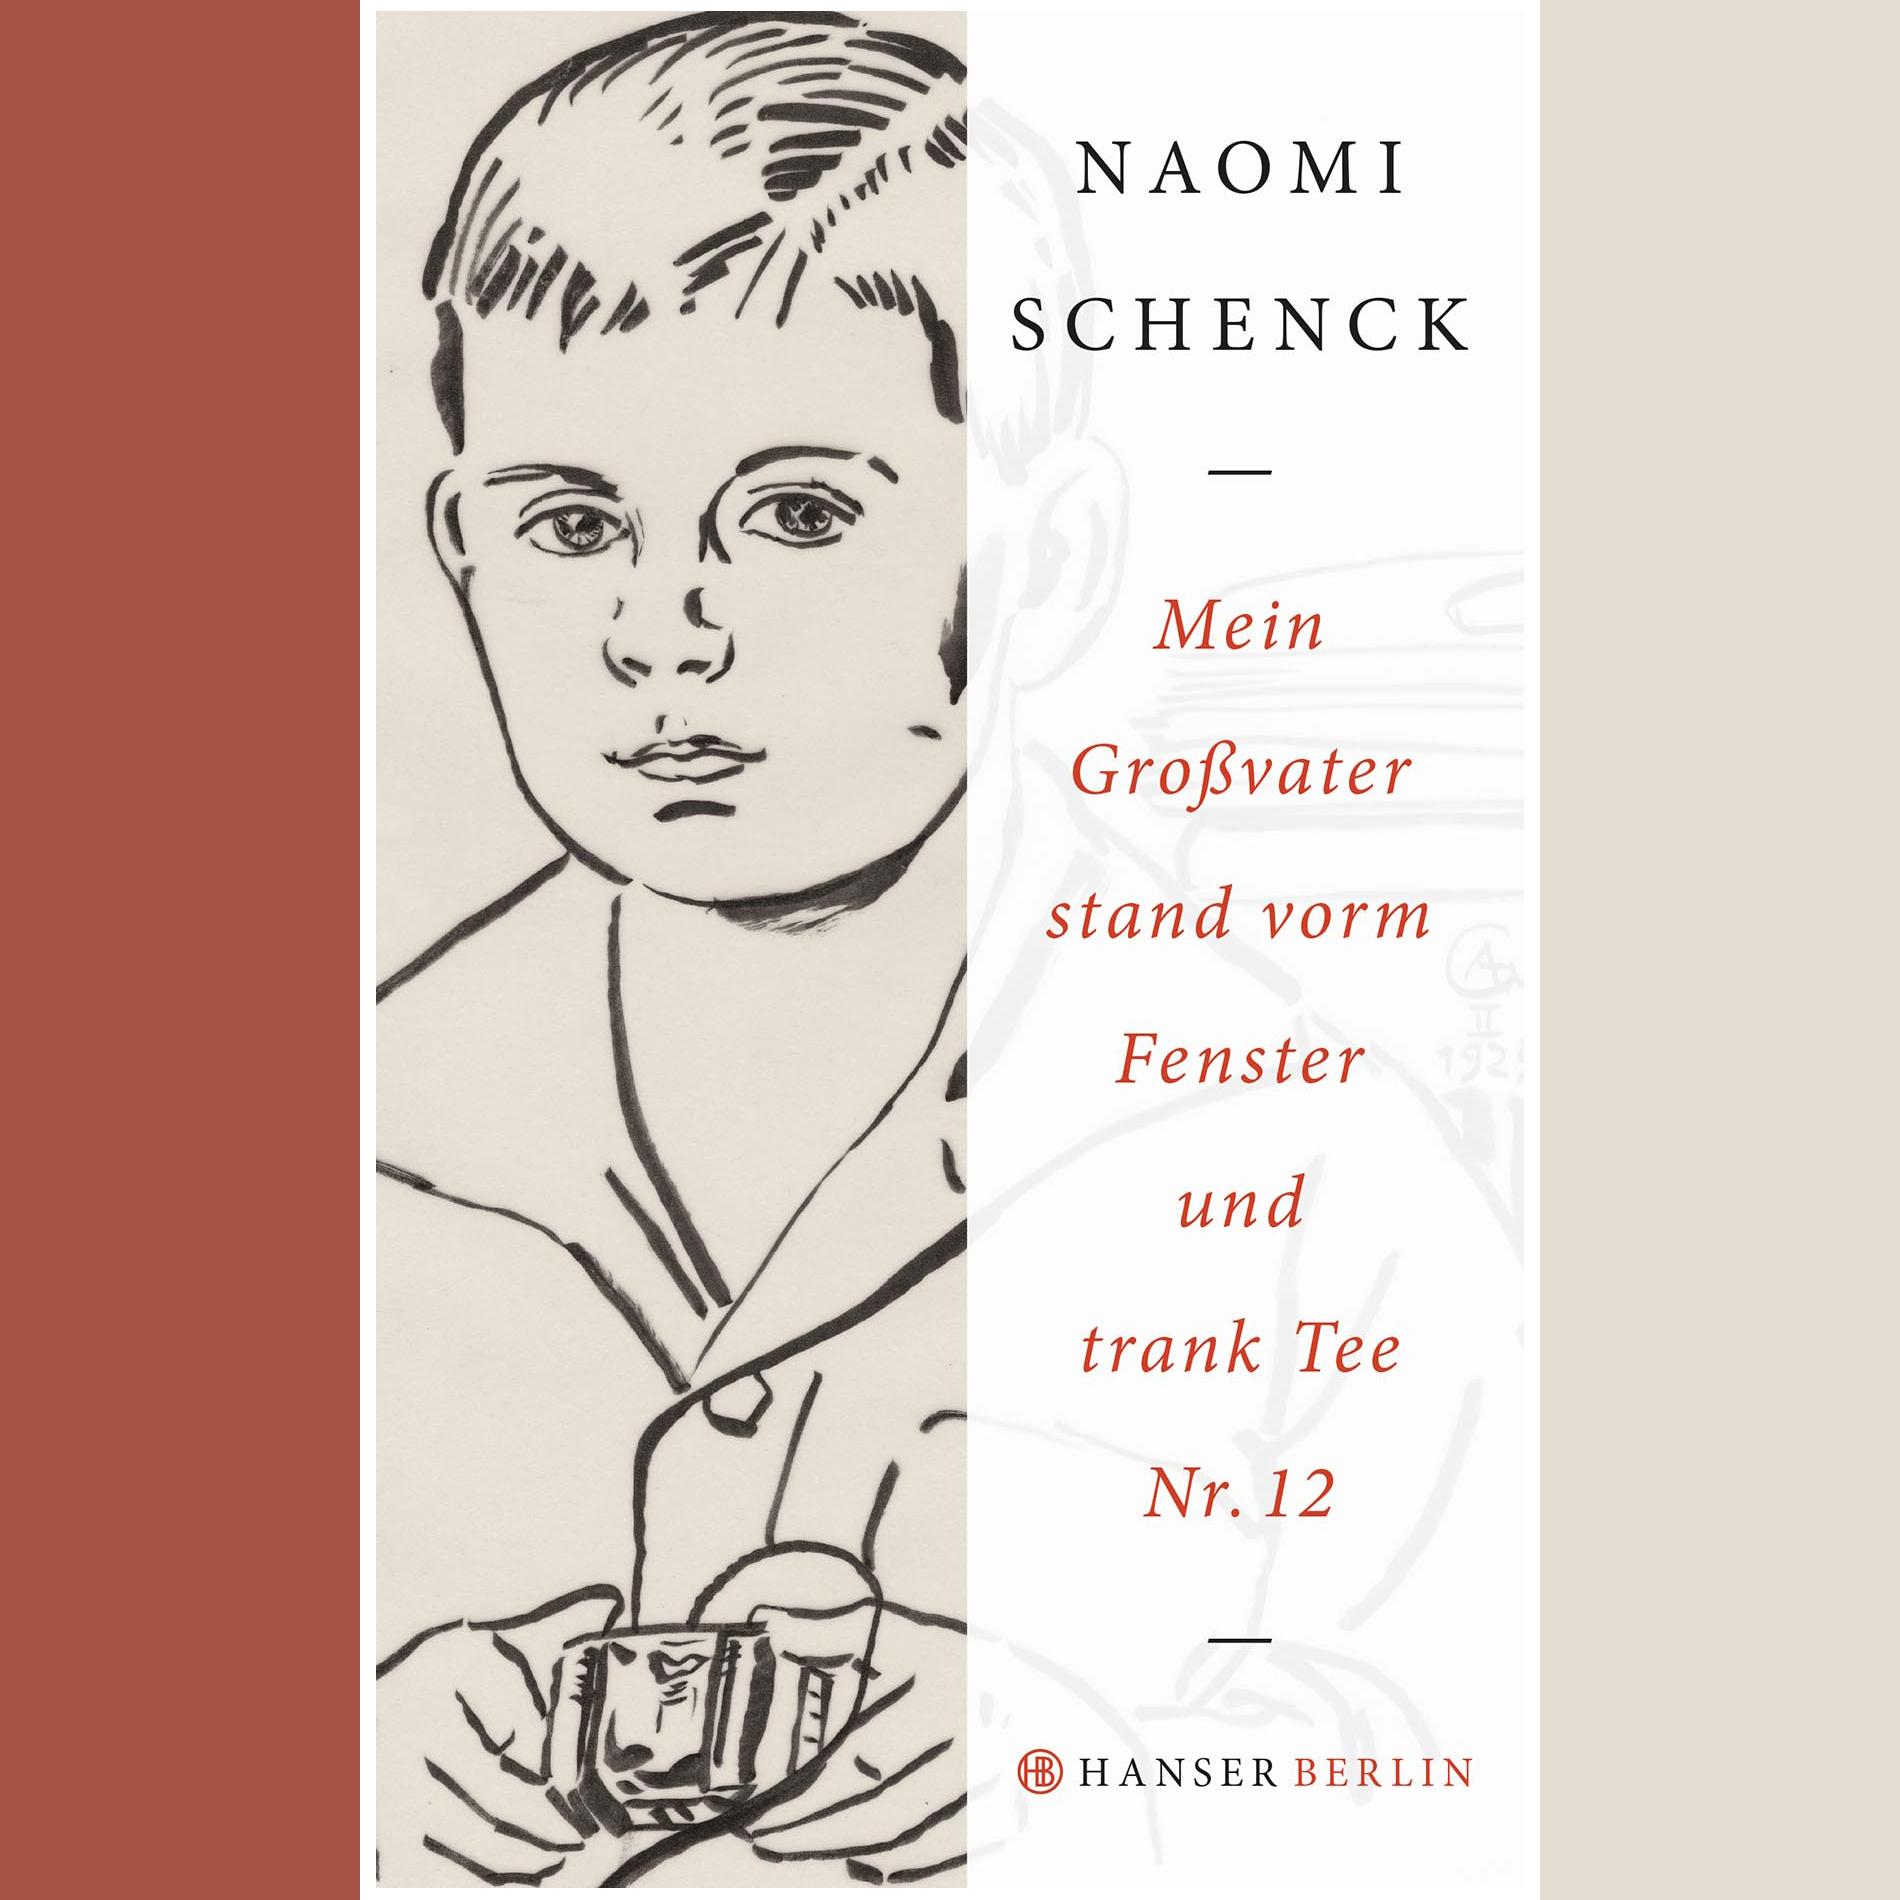 Mein Großvater stand vorm Fenster und trank Tee Nr. 12 Naomi Schenck